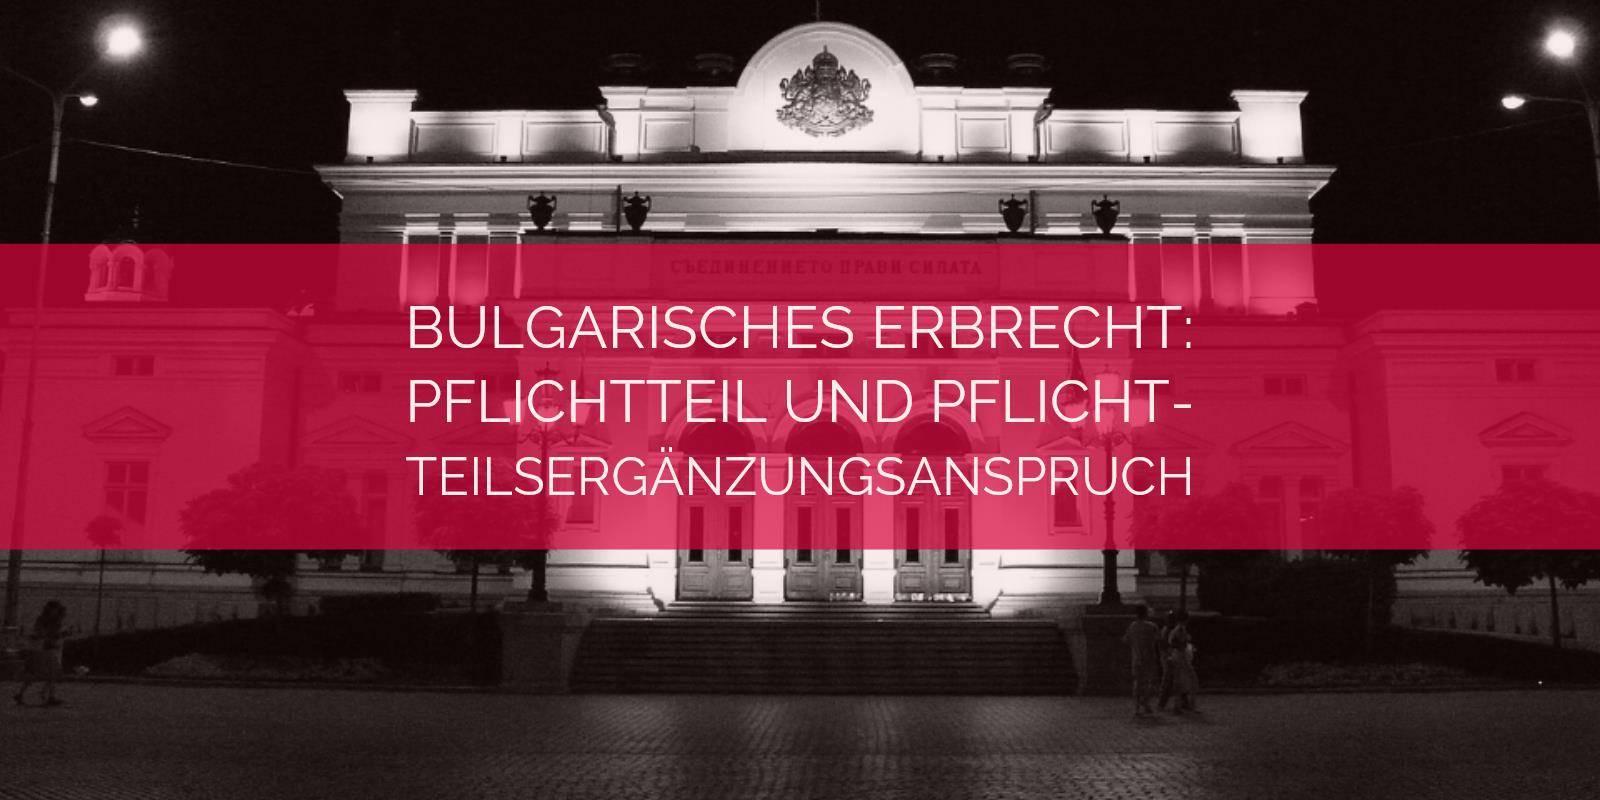 Bulgarisches Erbrecht: Pflichtteil und Pflichtteilsergänzung im bulgarischen Erbrecht | Rechtsanwalt und Fachanwalt für Erbrecht Detlev Balg - Köln